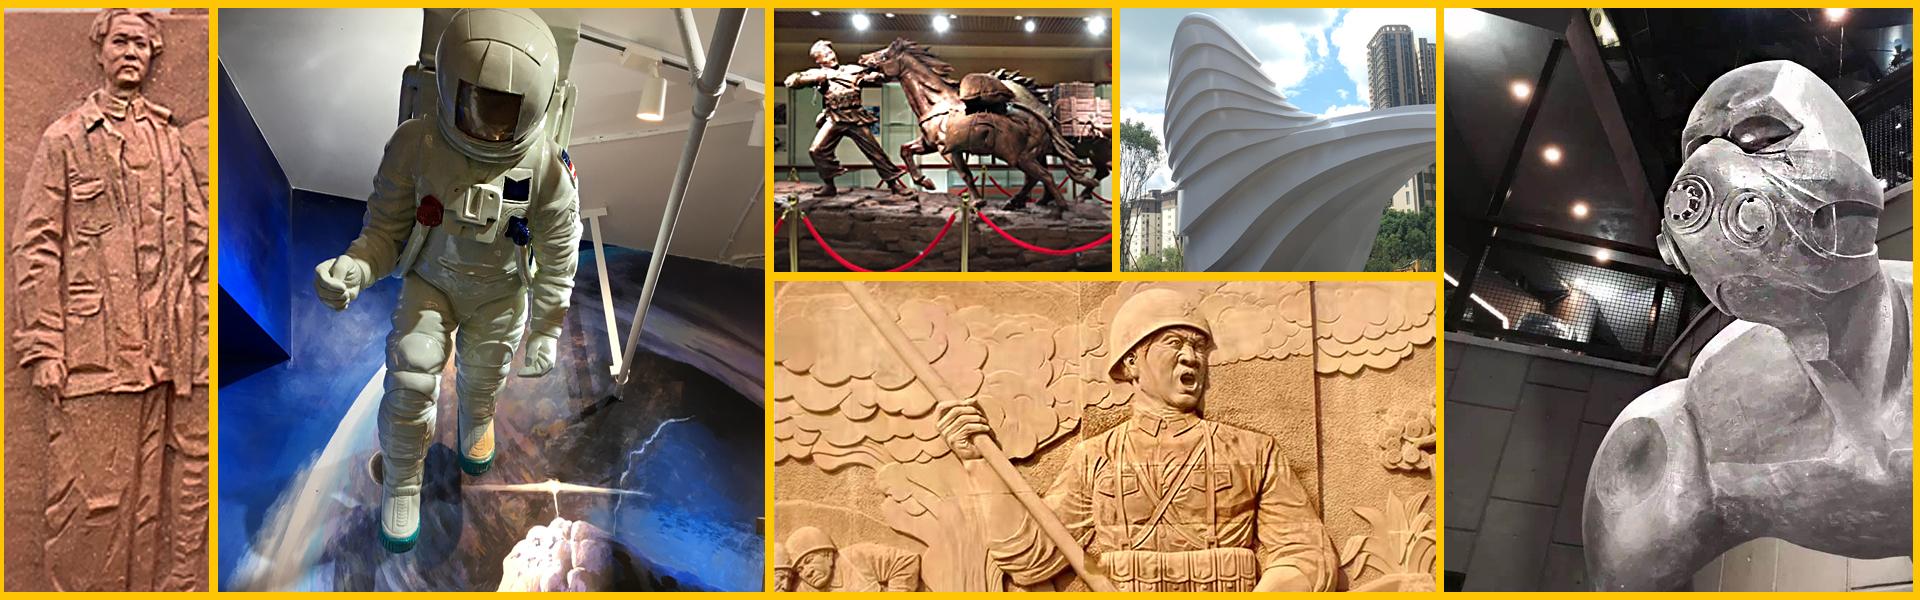 砂岩浮雕 玻璃钢雕塑 昆明雕塑厂家 石材浮雕 铸铜雕塑  雕塑定制 雕塑设计  不锈钢锻造雕塑